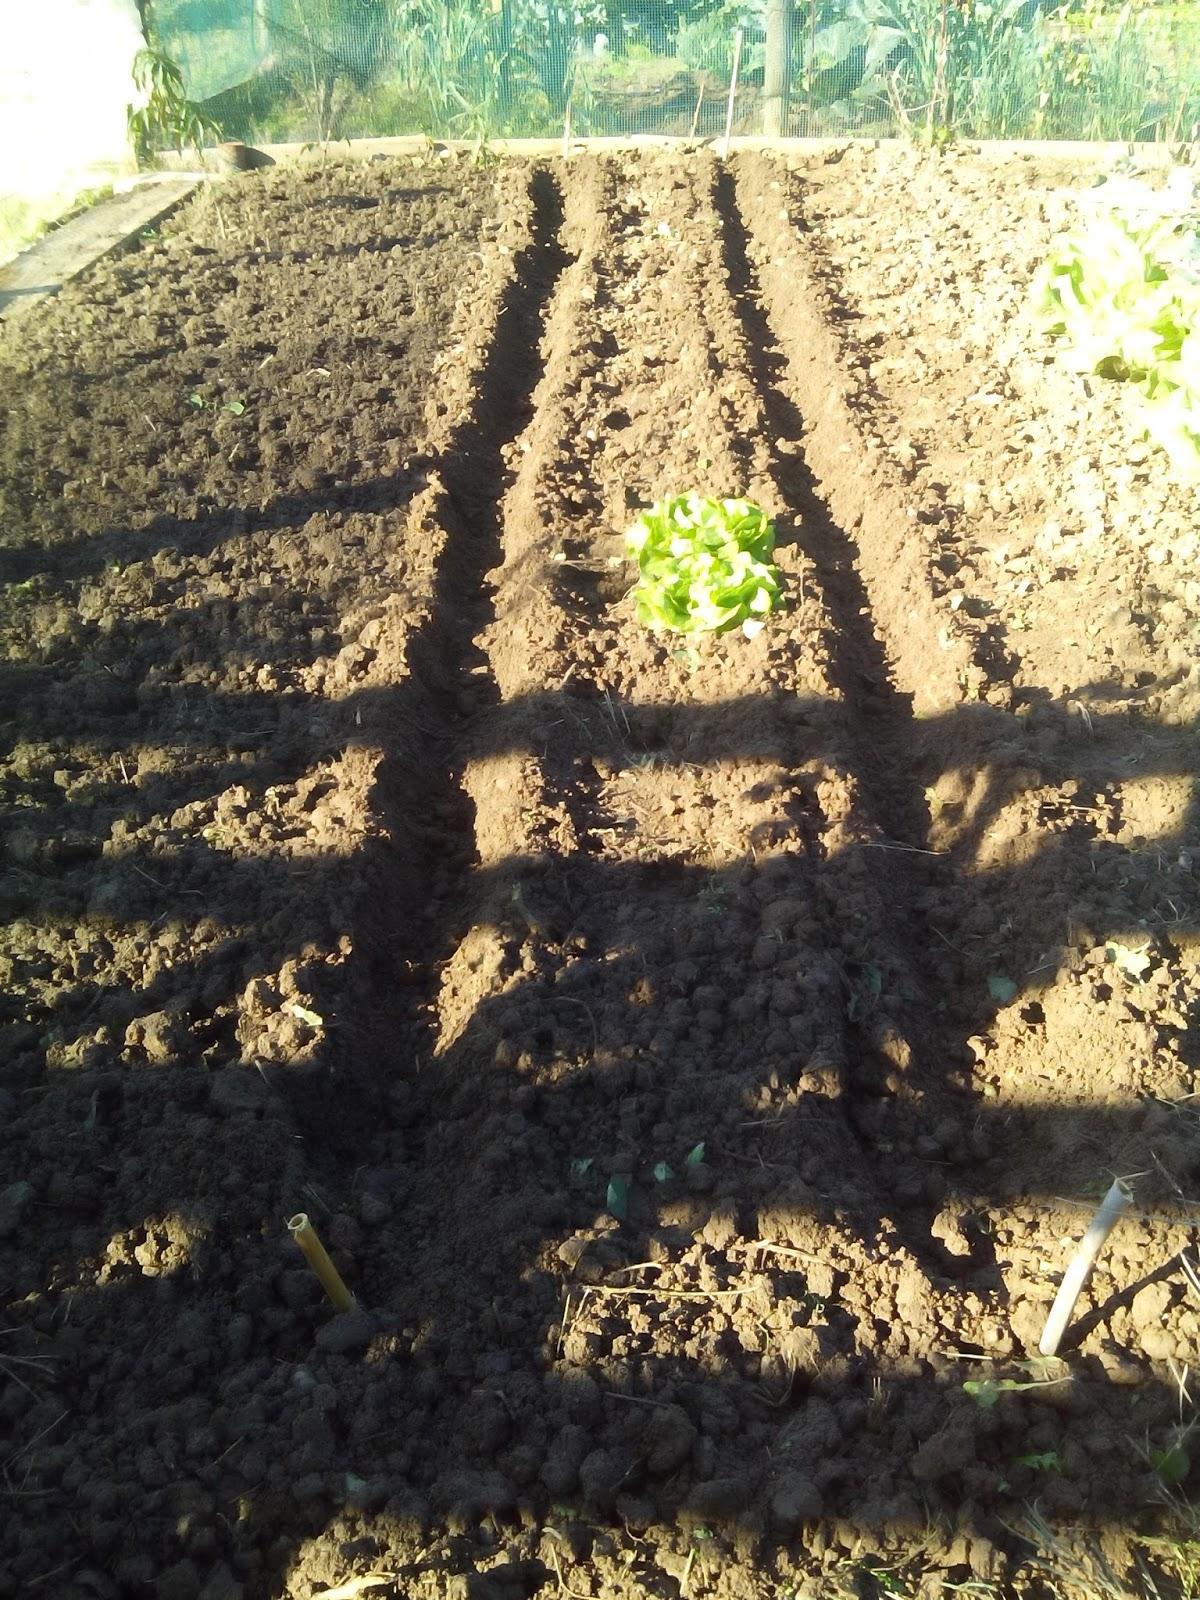 Ortomiraflores semina piselli rampicanti fave su letto di ortica - Letto di semina ...